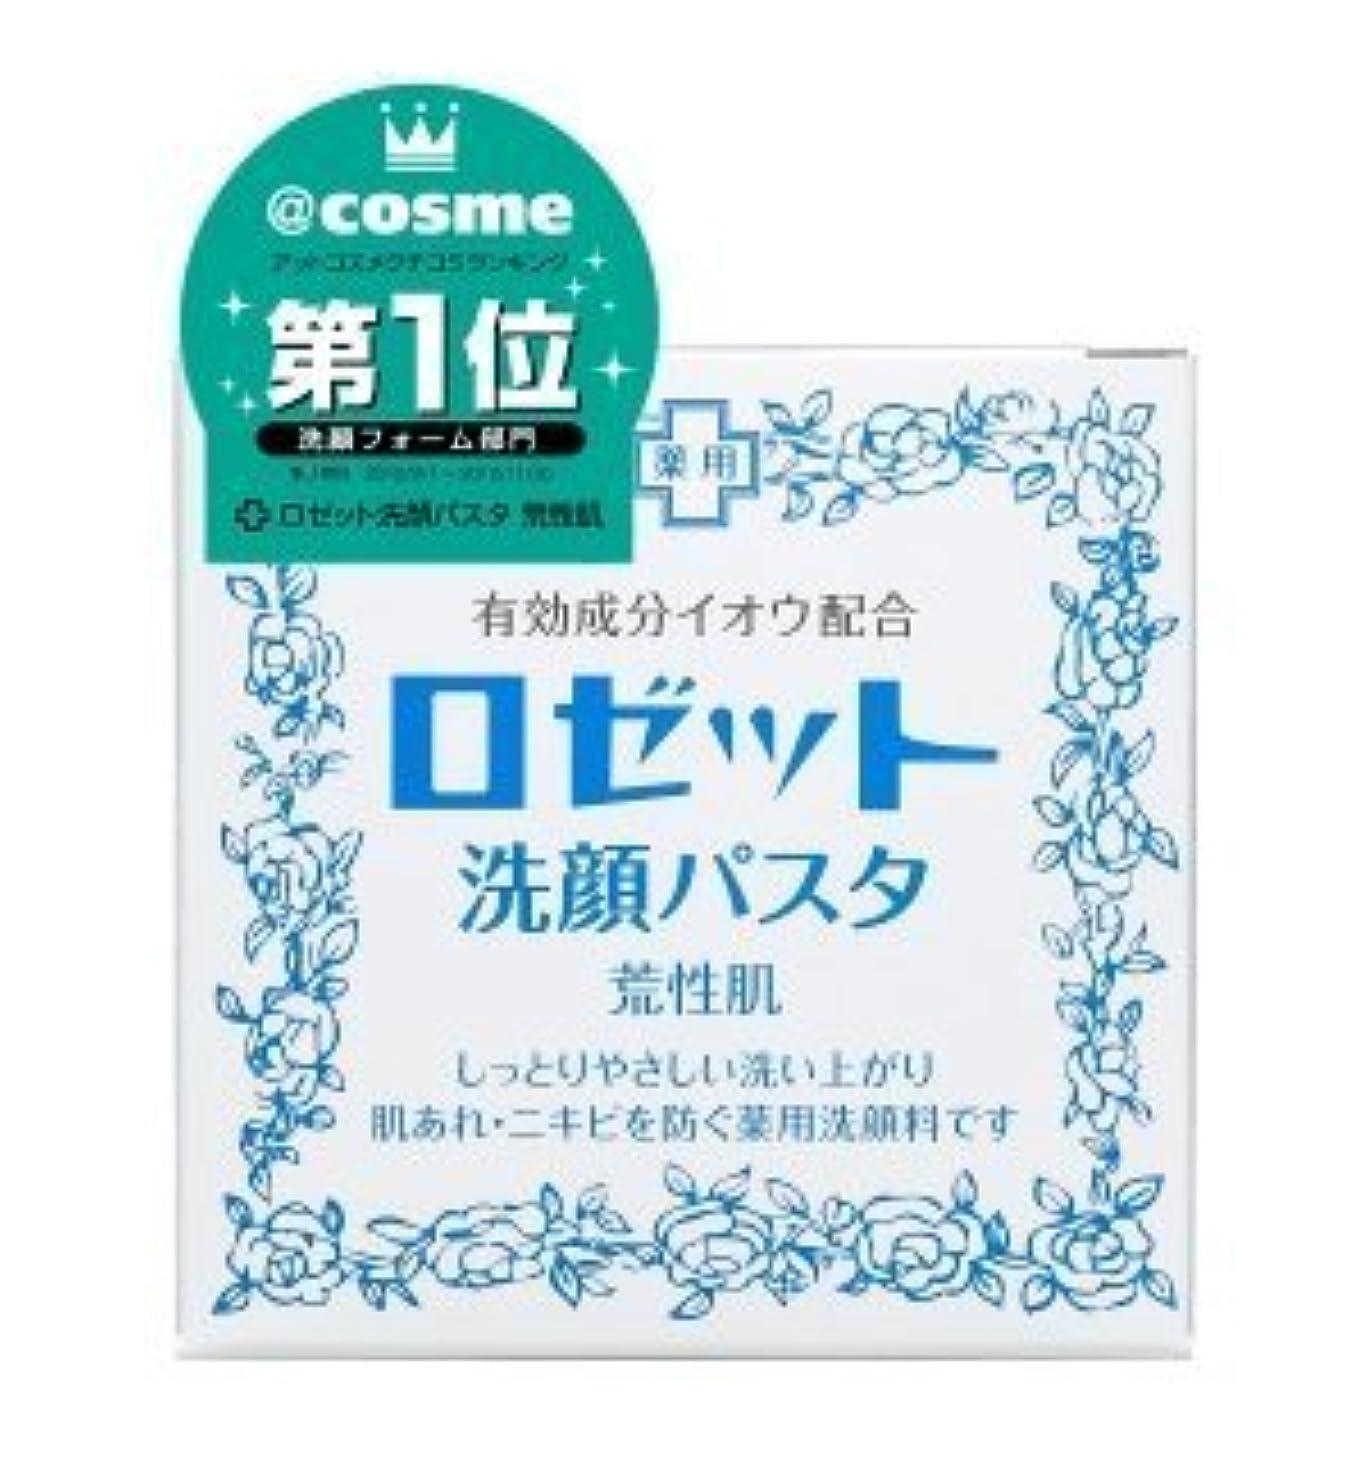 ヒロイックブレース支払いロゼット 洗顔パスタ 荒性肌 90g (医薬部外品) × 3個セット